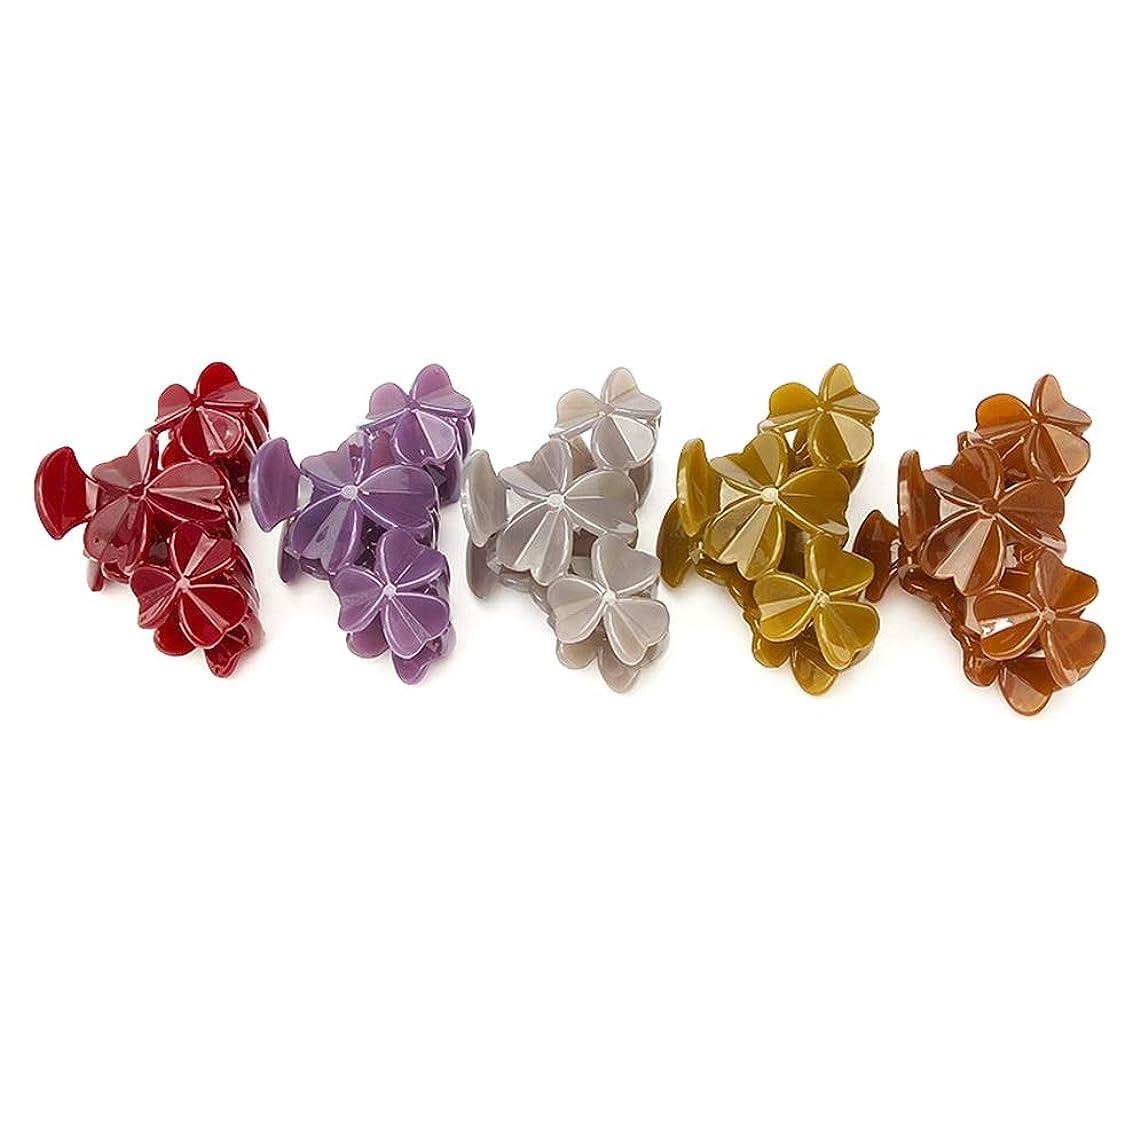 友情エステート冬LURROSE 5ピース髪爪アクリルキャンディーカラー小さなクローバー装飾ヘアジョークリップ爪ピンバレット - 大きいサイズ